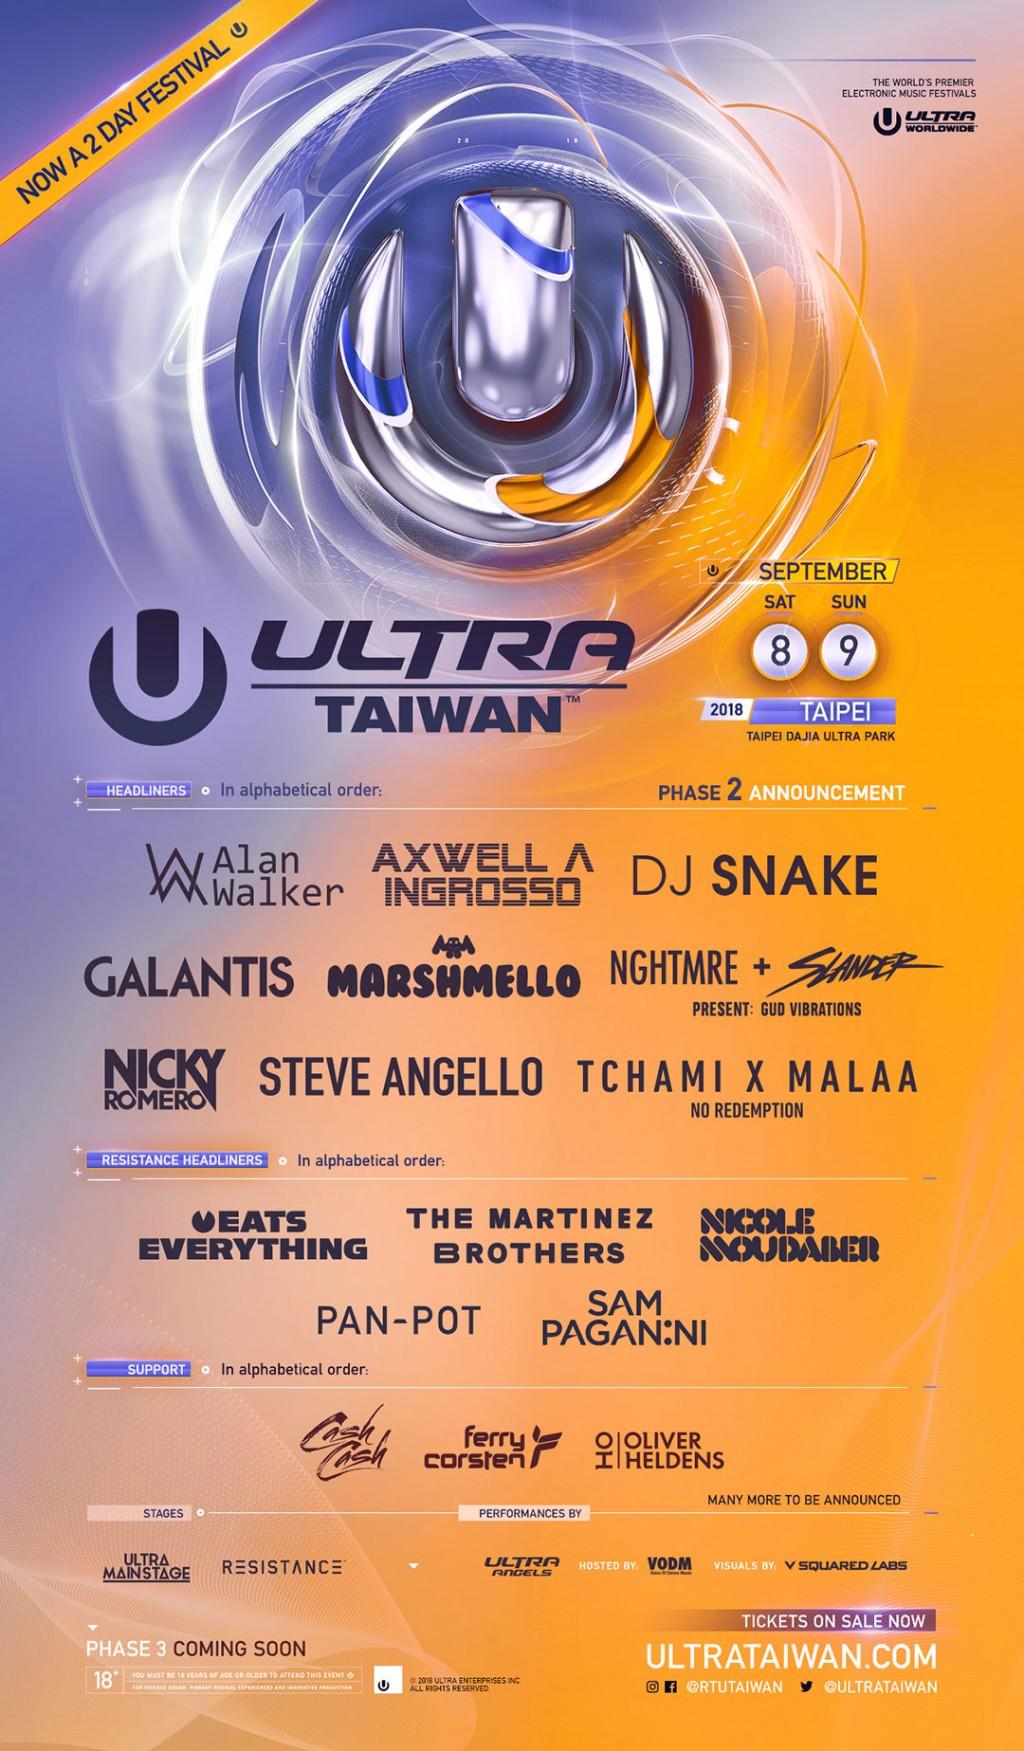 首屆電音 UlLTRA Taiwan 音樂節!大佳河濱公園9月第一週末登場